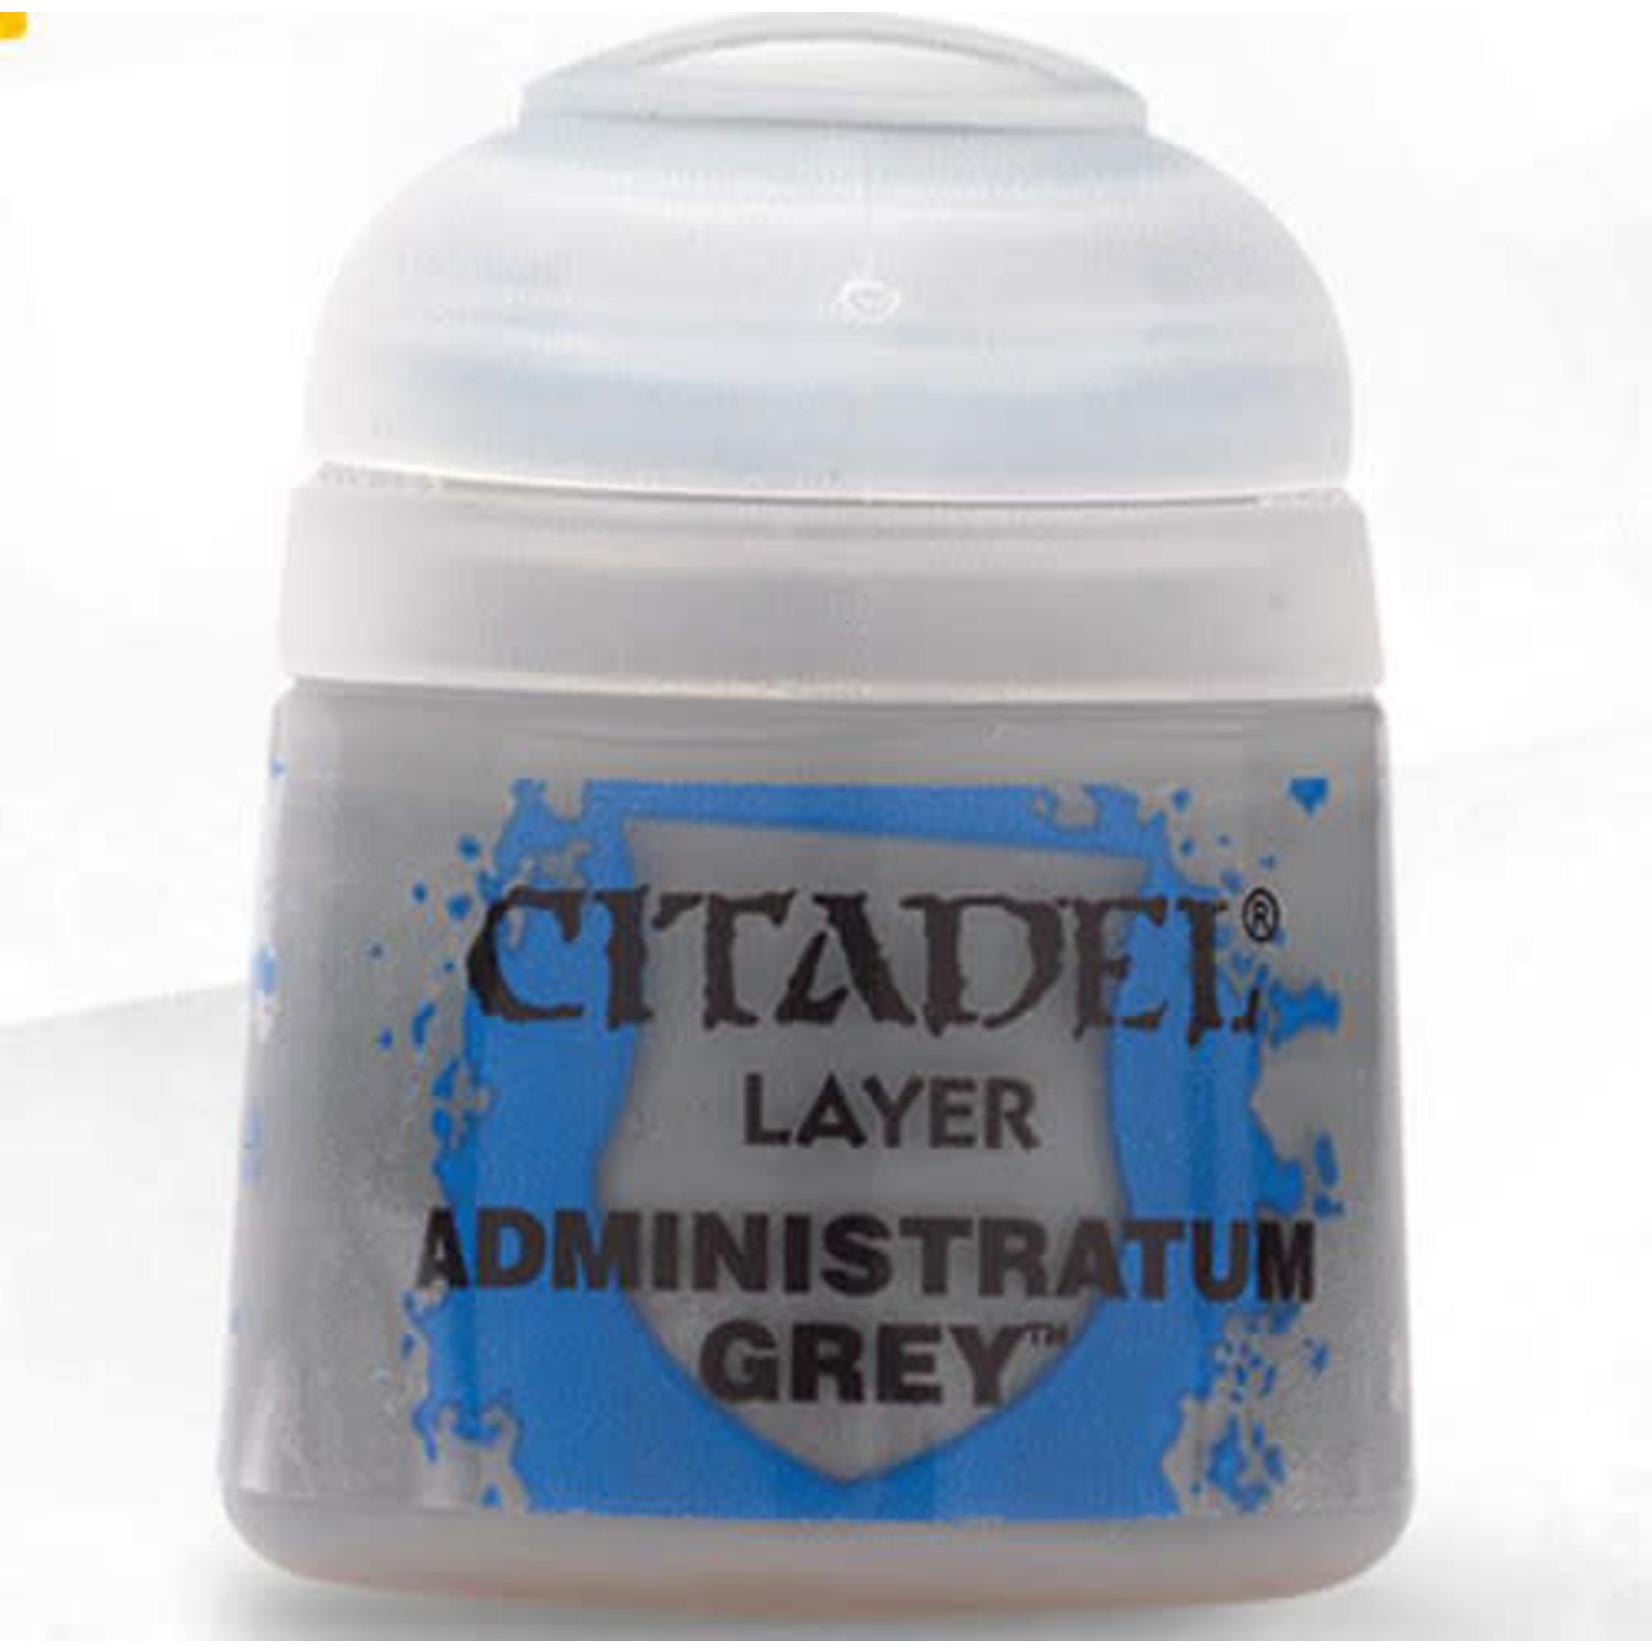 Games Workshop Citadel Paint: Administratum Grey 12ml